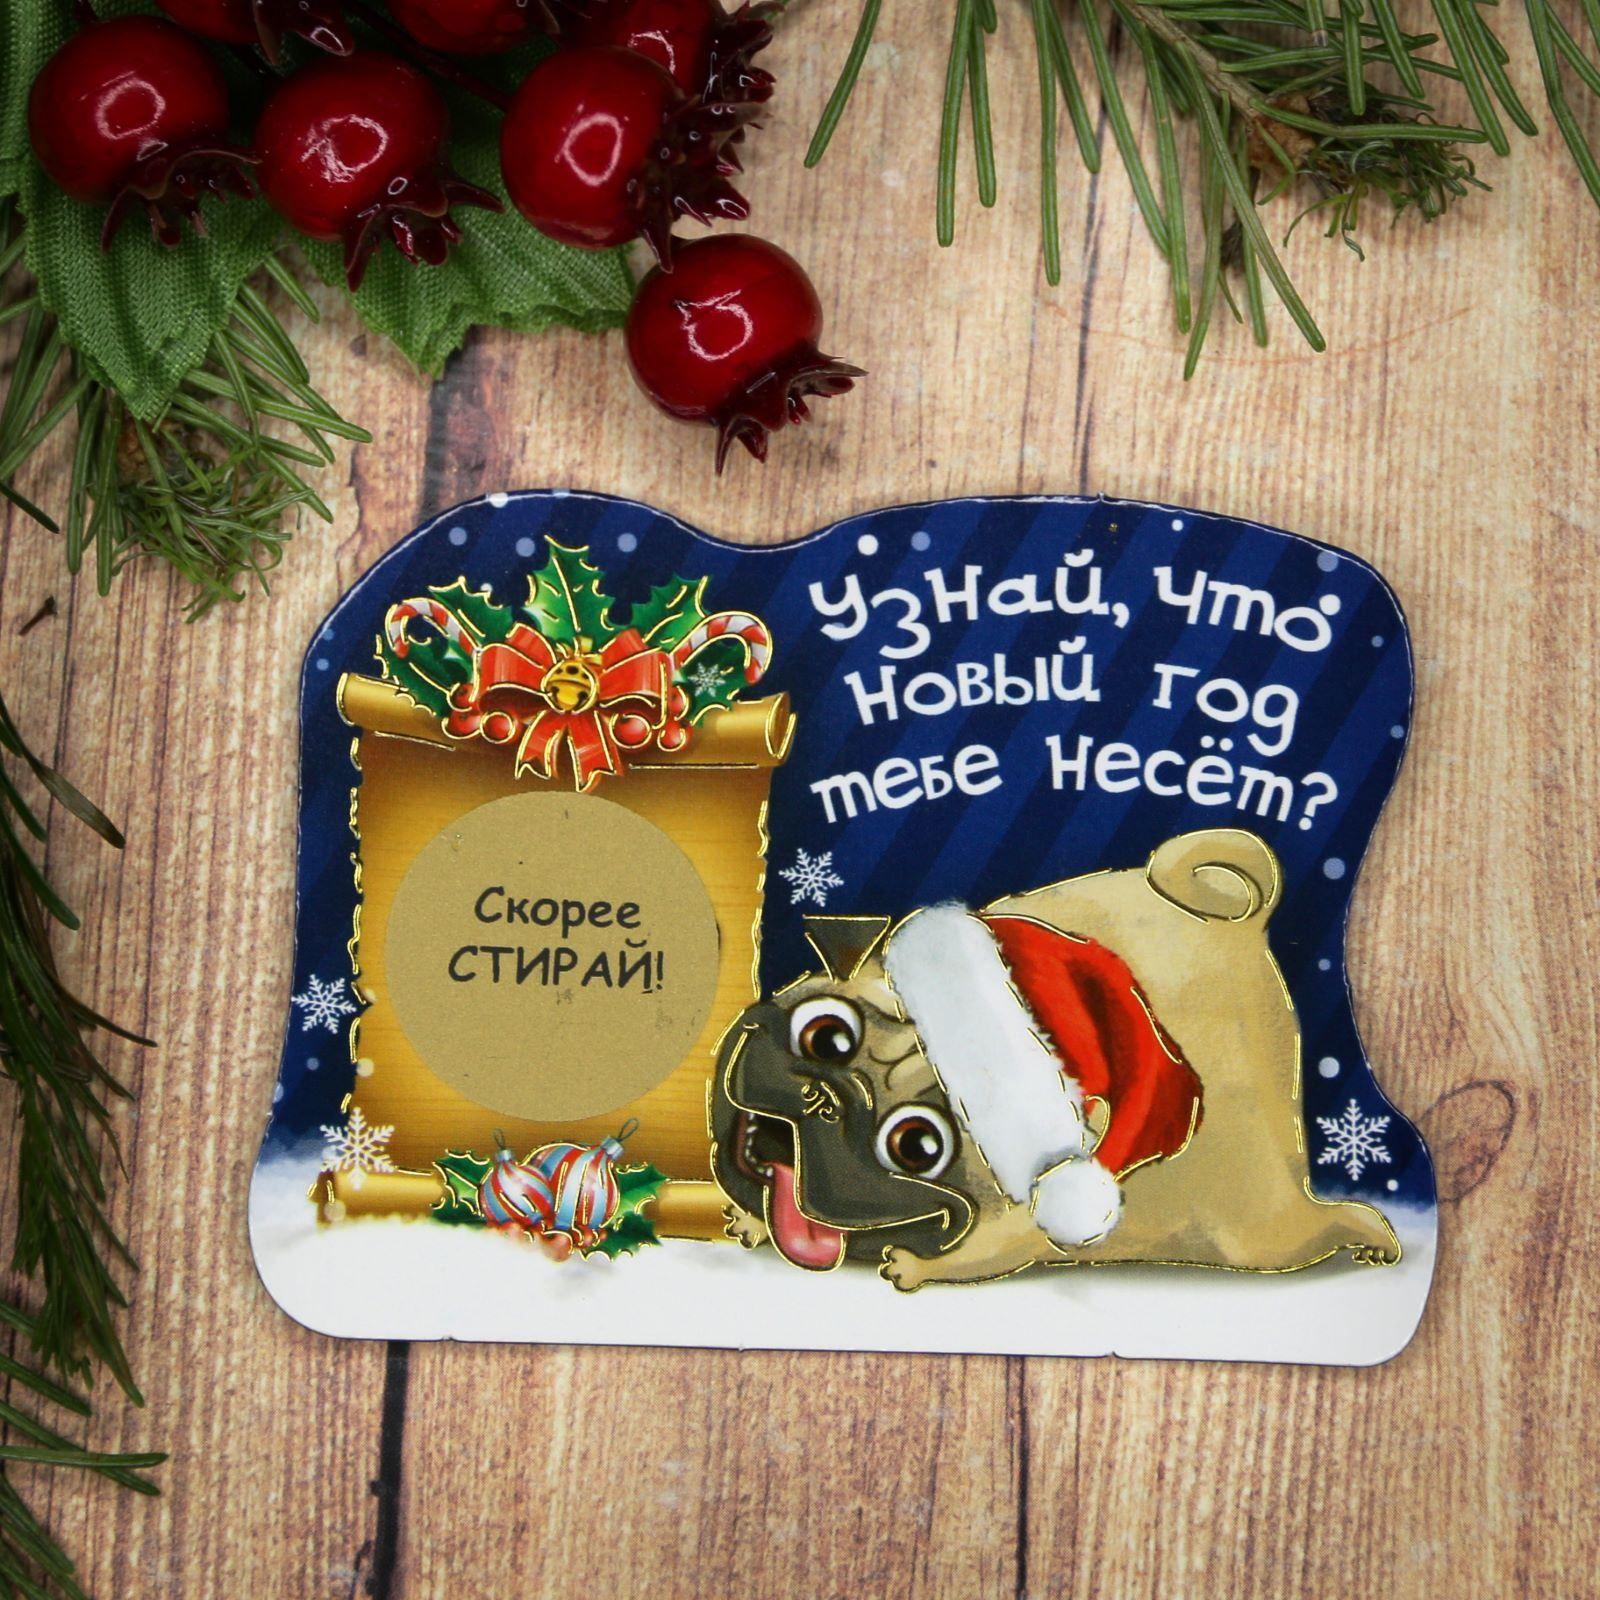 Магнит Sima-land Что Новый год тебе принесет?, со скретч-слоем, 8 х 6 см1989270Порадуйте родных и близких оригинальным сувениром: преподнесите в подарок магнит. С ним даже самый серьёзный человек почувствует себя ребёнком, ожидающим чудо!Создайте праздничное настроение, и оно останется с вами на весь год.